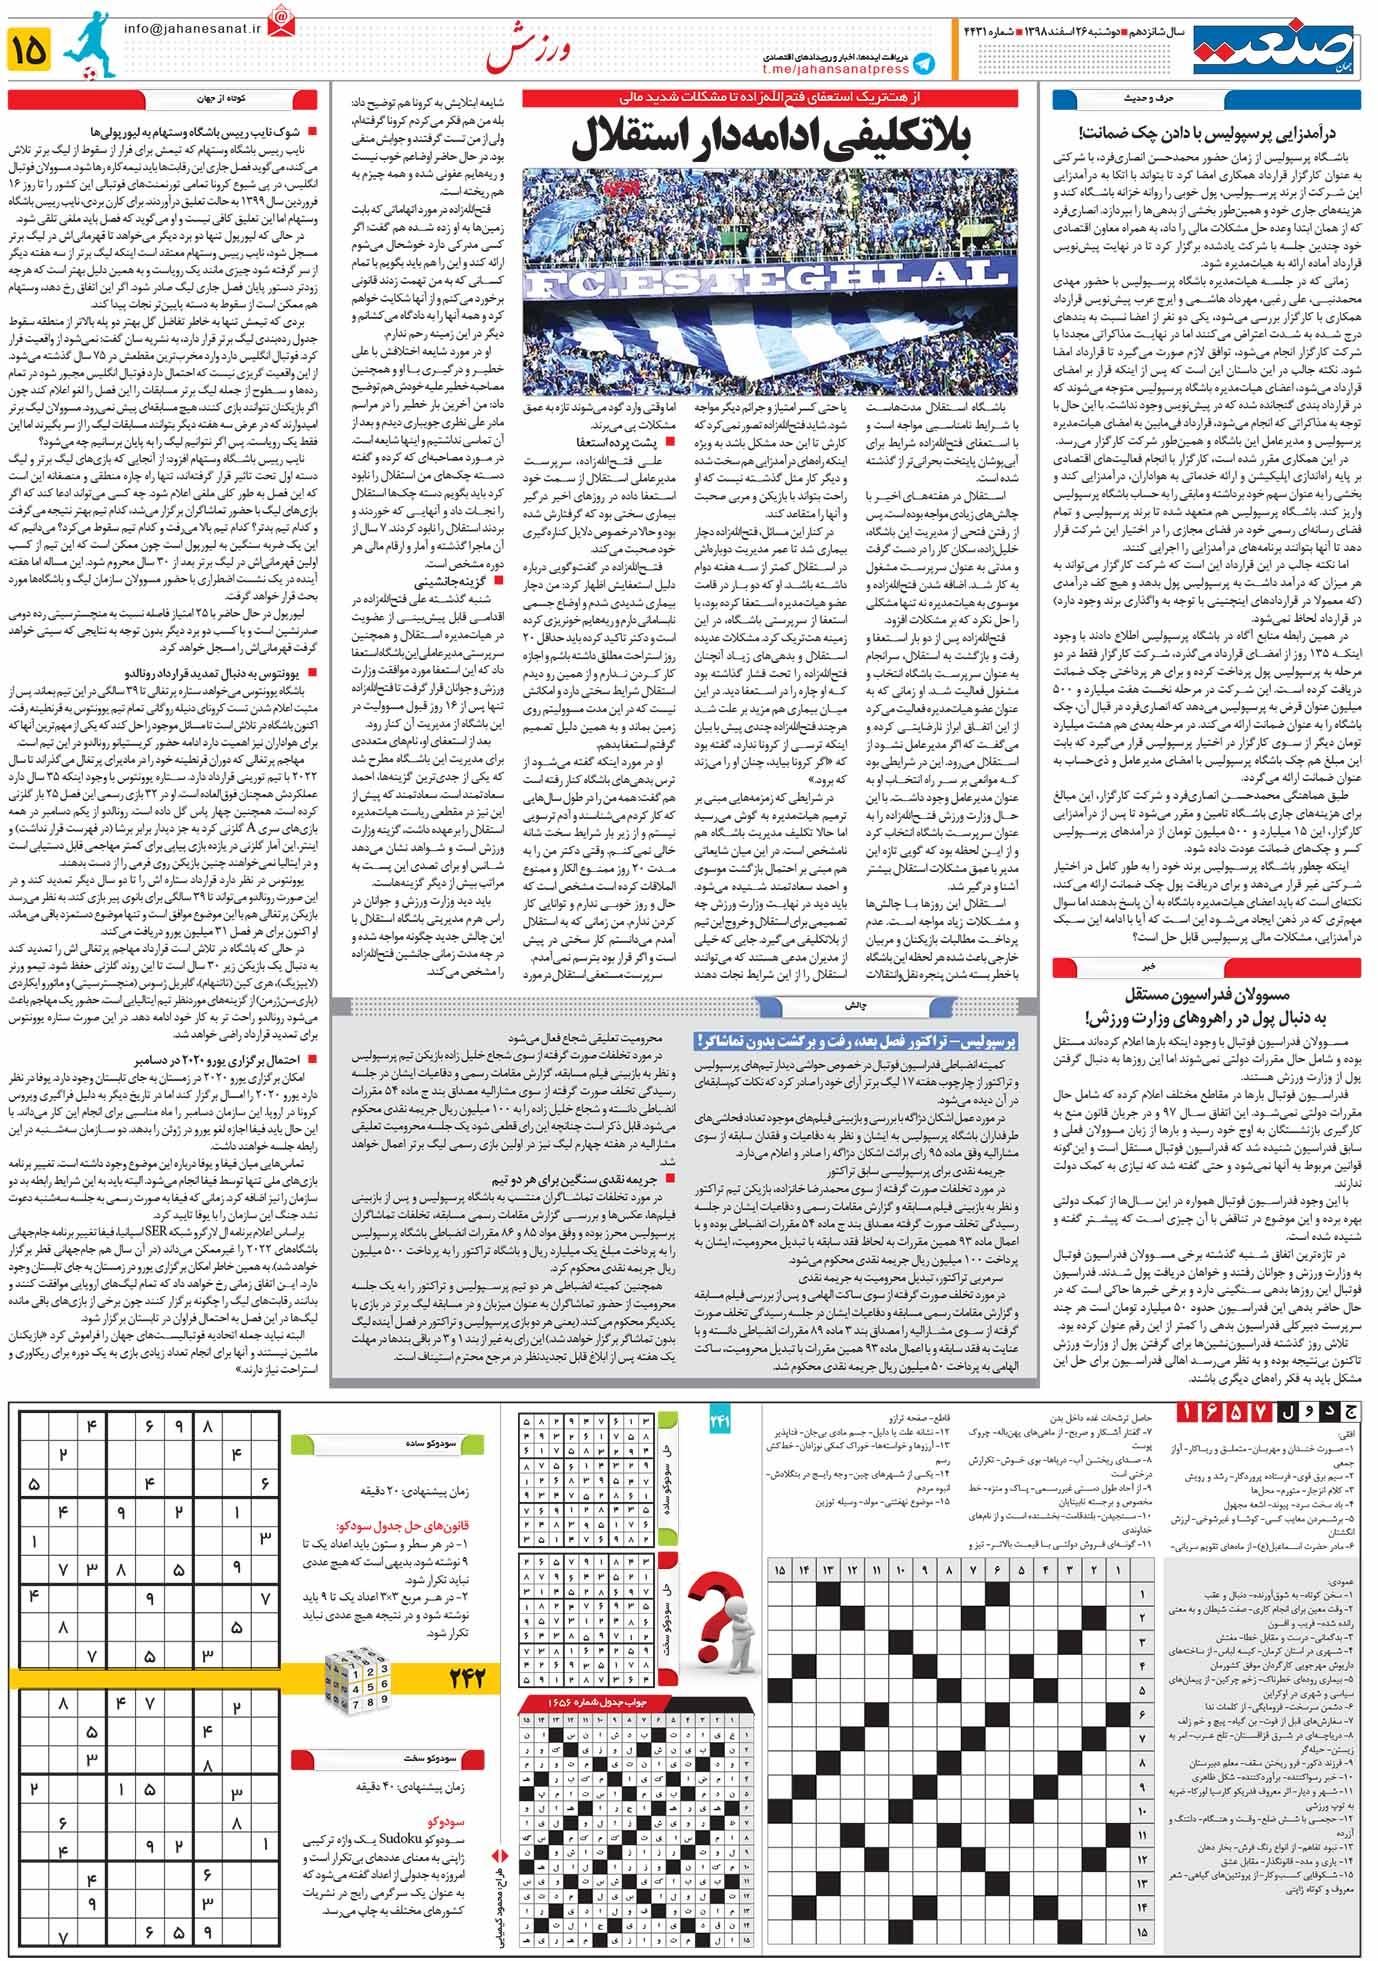 صفحه ۱۵ – ۲۶ اسفند ۱۳۹۸